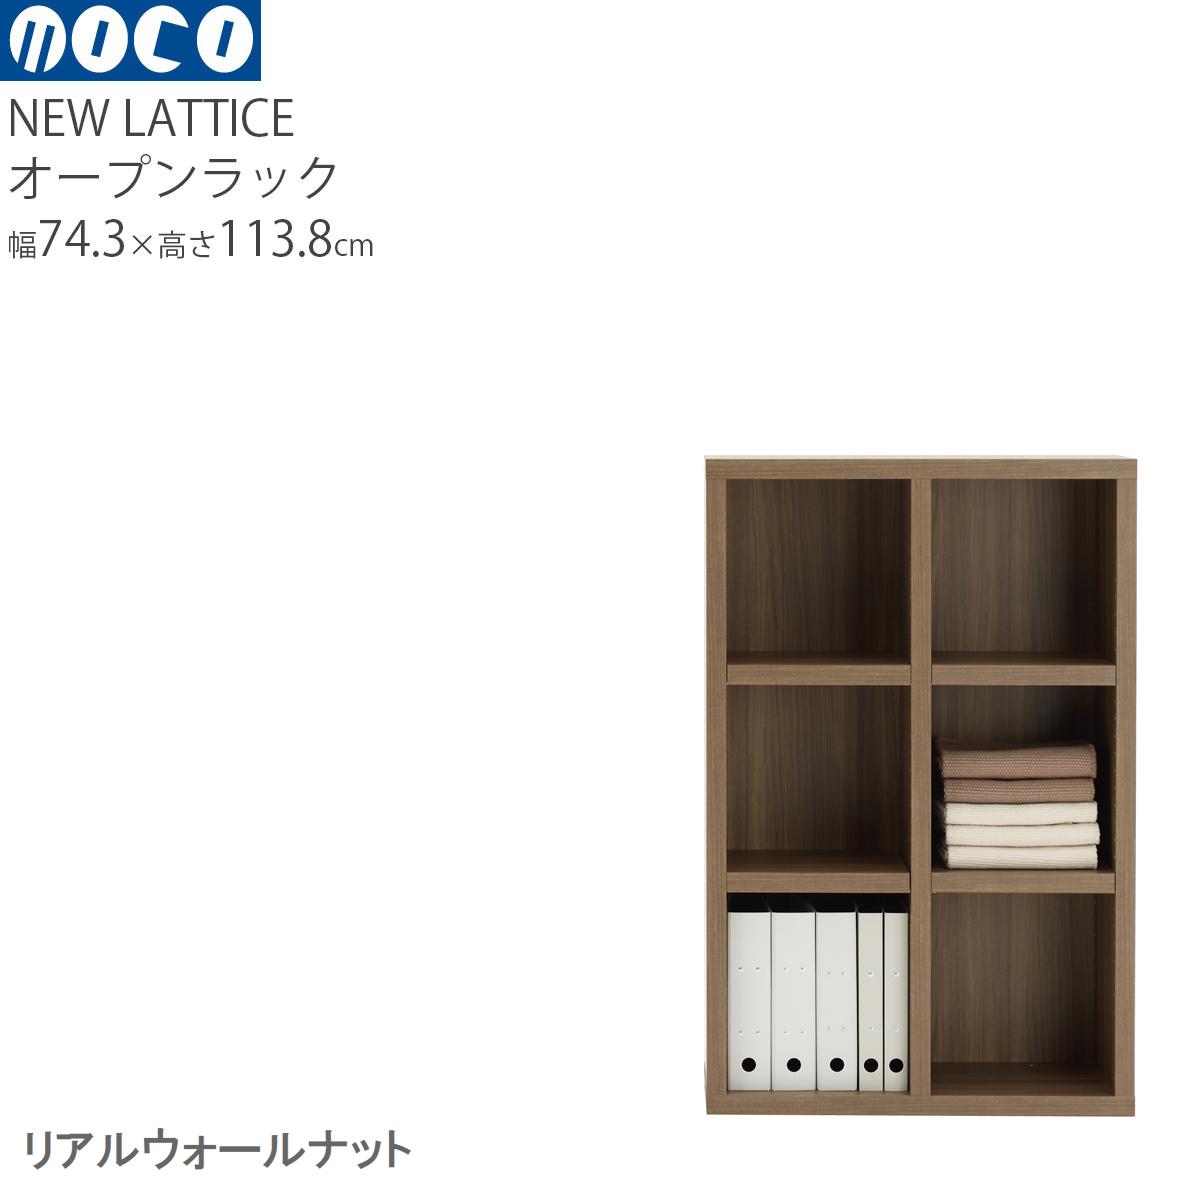 フナモコ ラチス 本棚 A4 大容量 完成品 ロータイプシェルフ FHD-75L 幅75×高さ114cm リアルウォールナット 日本製 国産